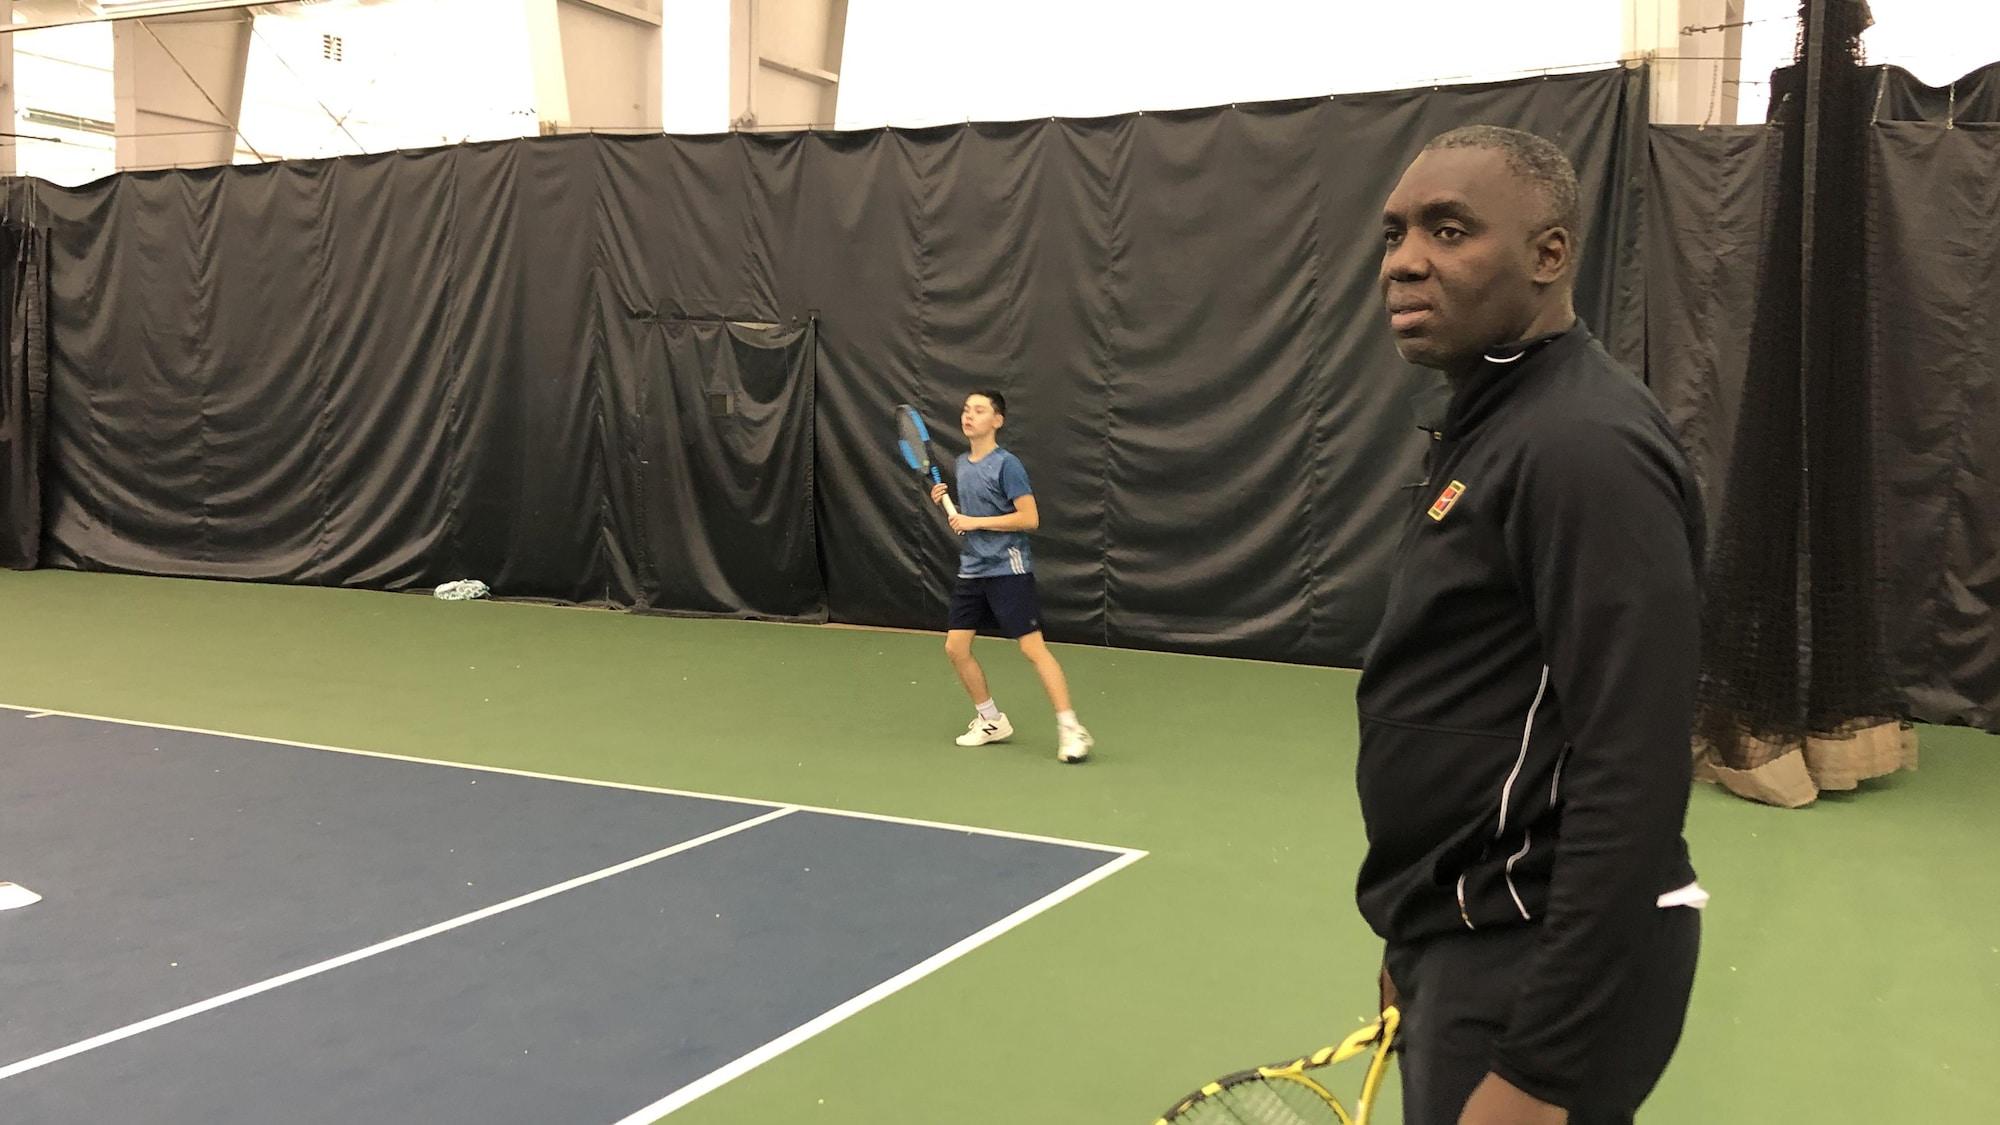 Sam Aliassime, entraîneur de tennis, lors d'un entraînement de jeunes joueurs à Québec